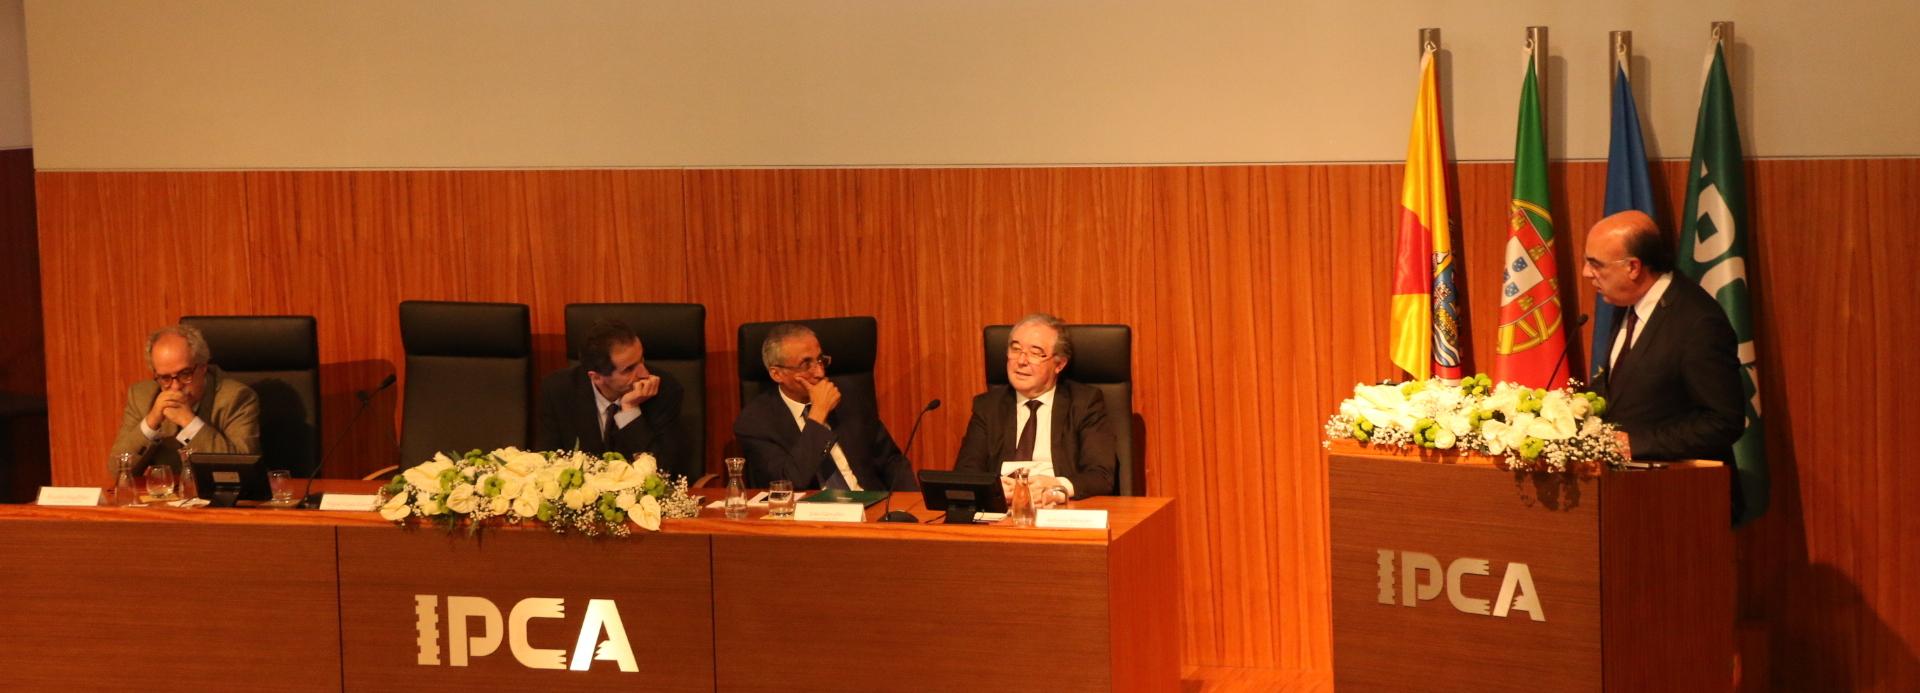 IPCA comemora 22 anos com a homenagem  a docentes e alunos de referência